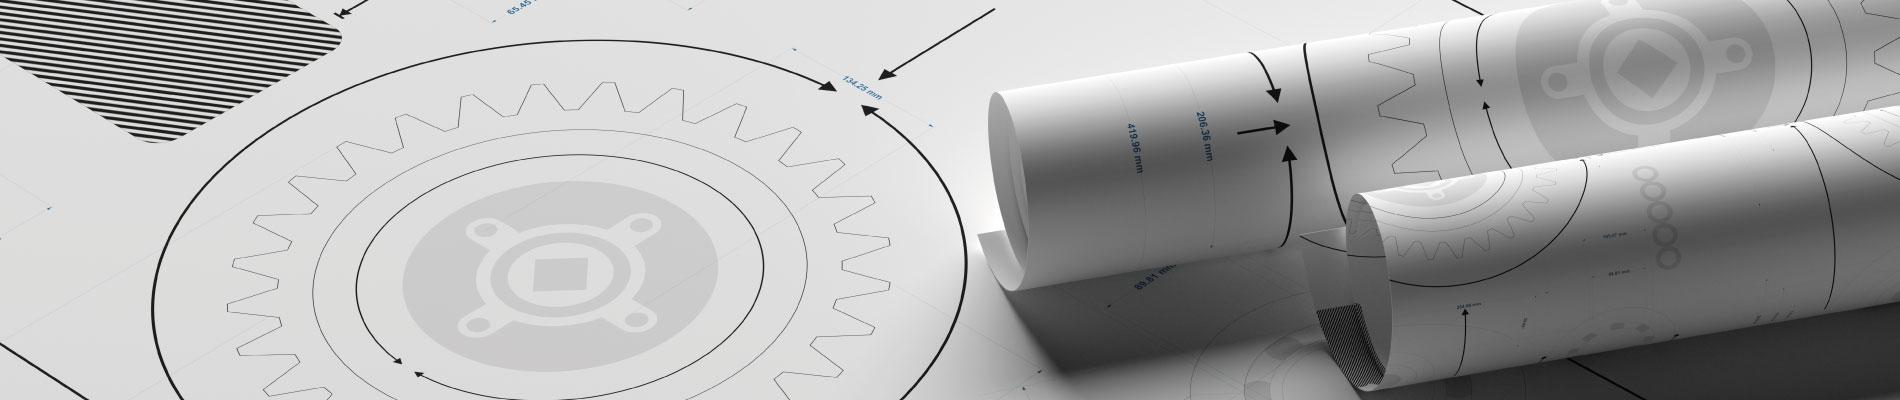 Full |Online Σεμινάριο  Inventor 2019 - CAD